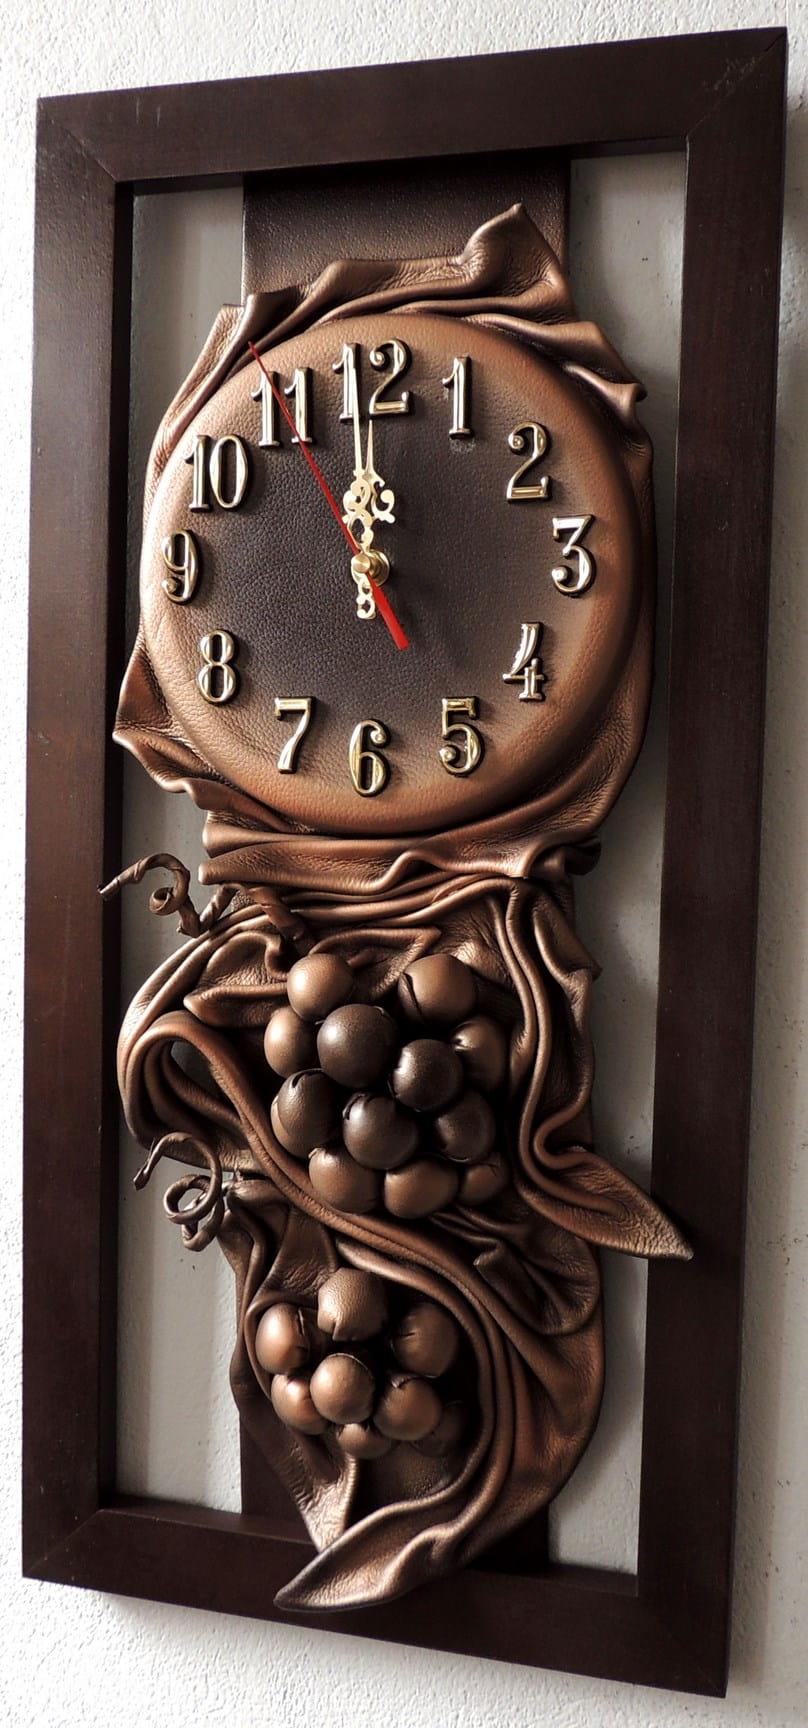 Wąski Zegar ścienny Do Przedpokoju Drewno Skóra Rz4 1